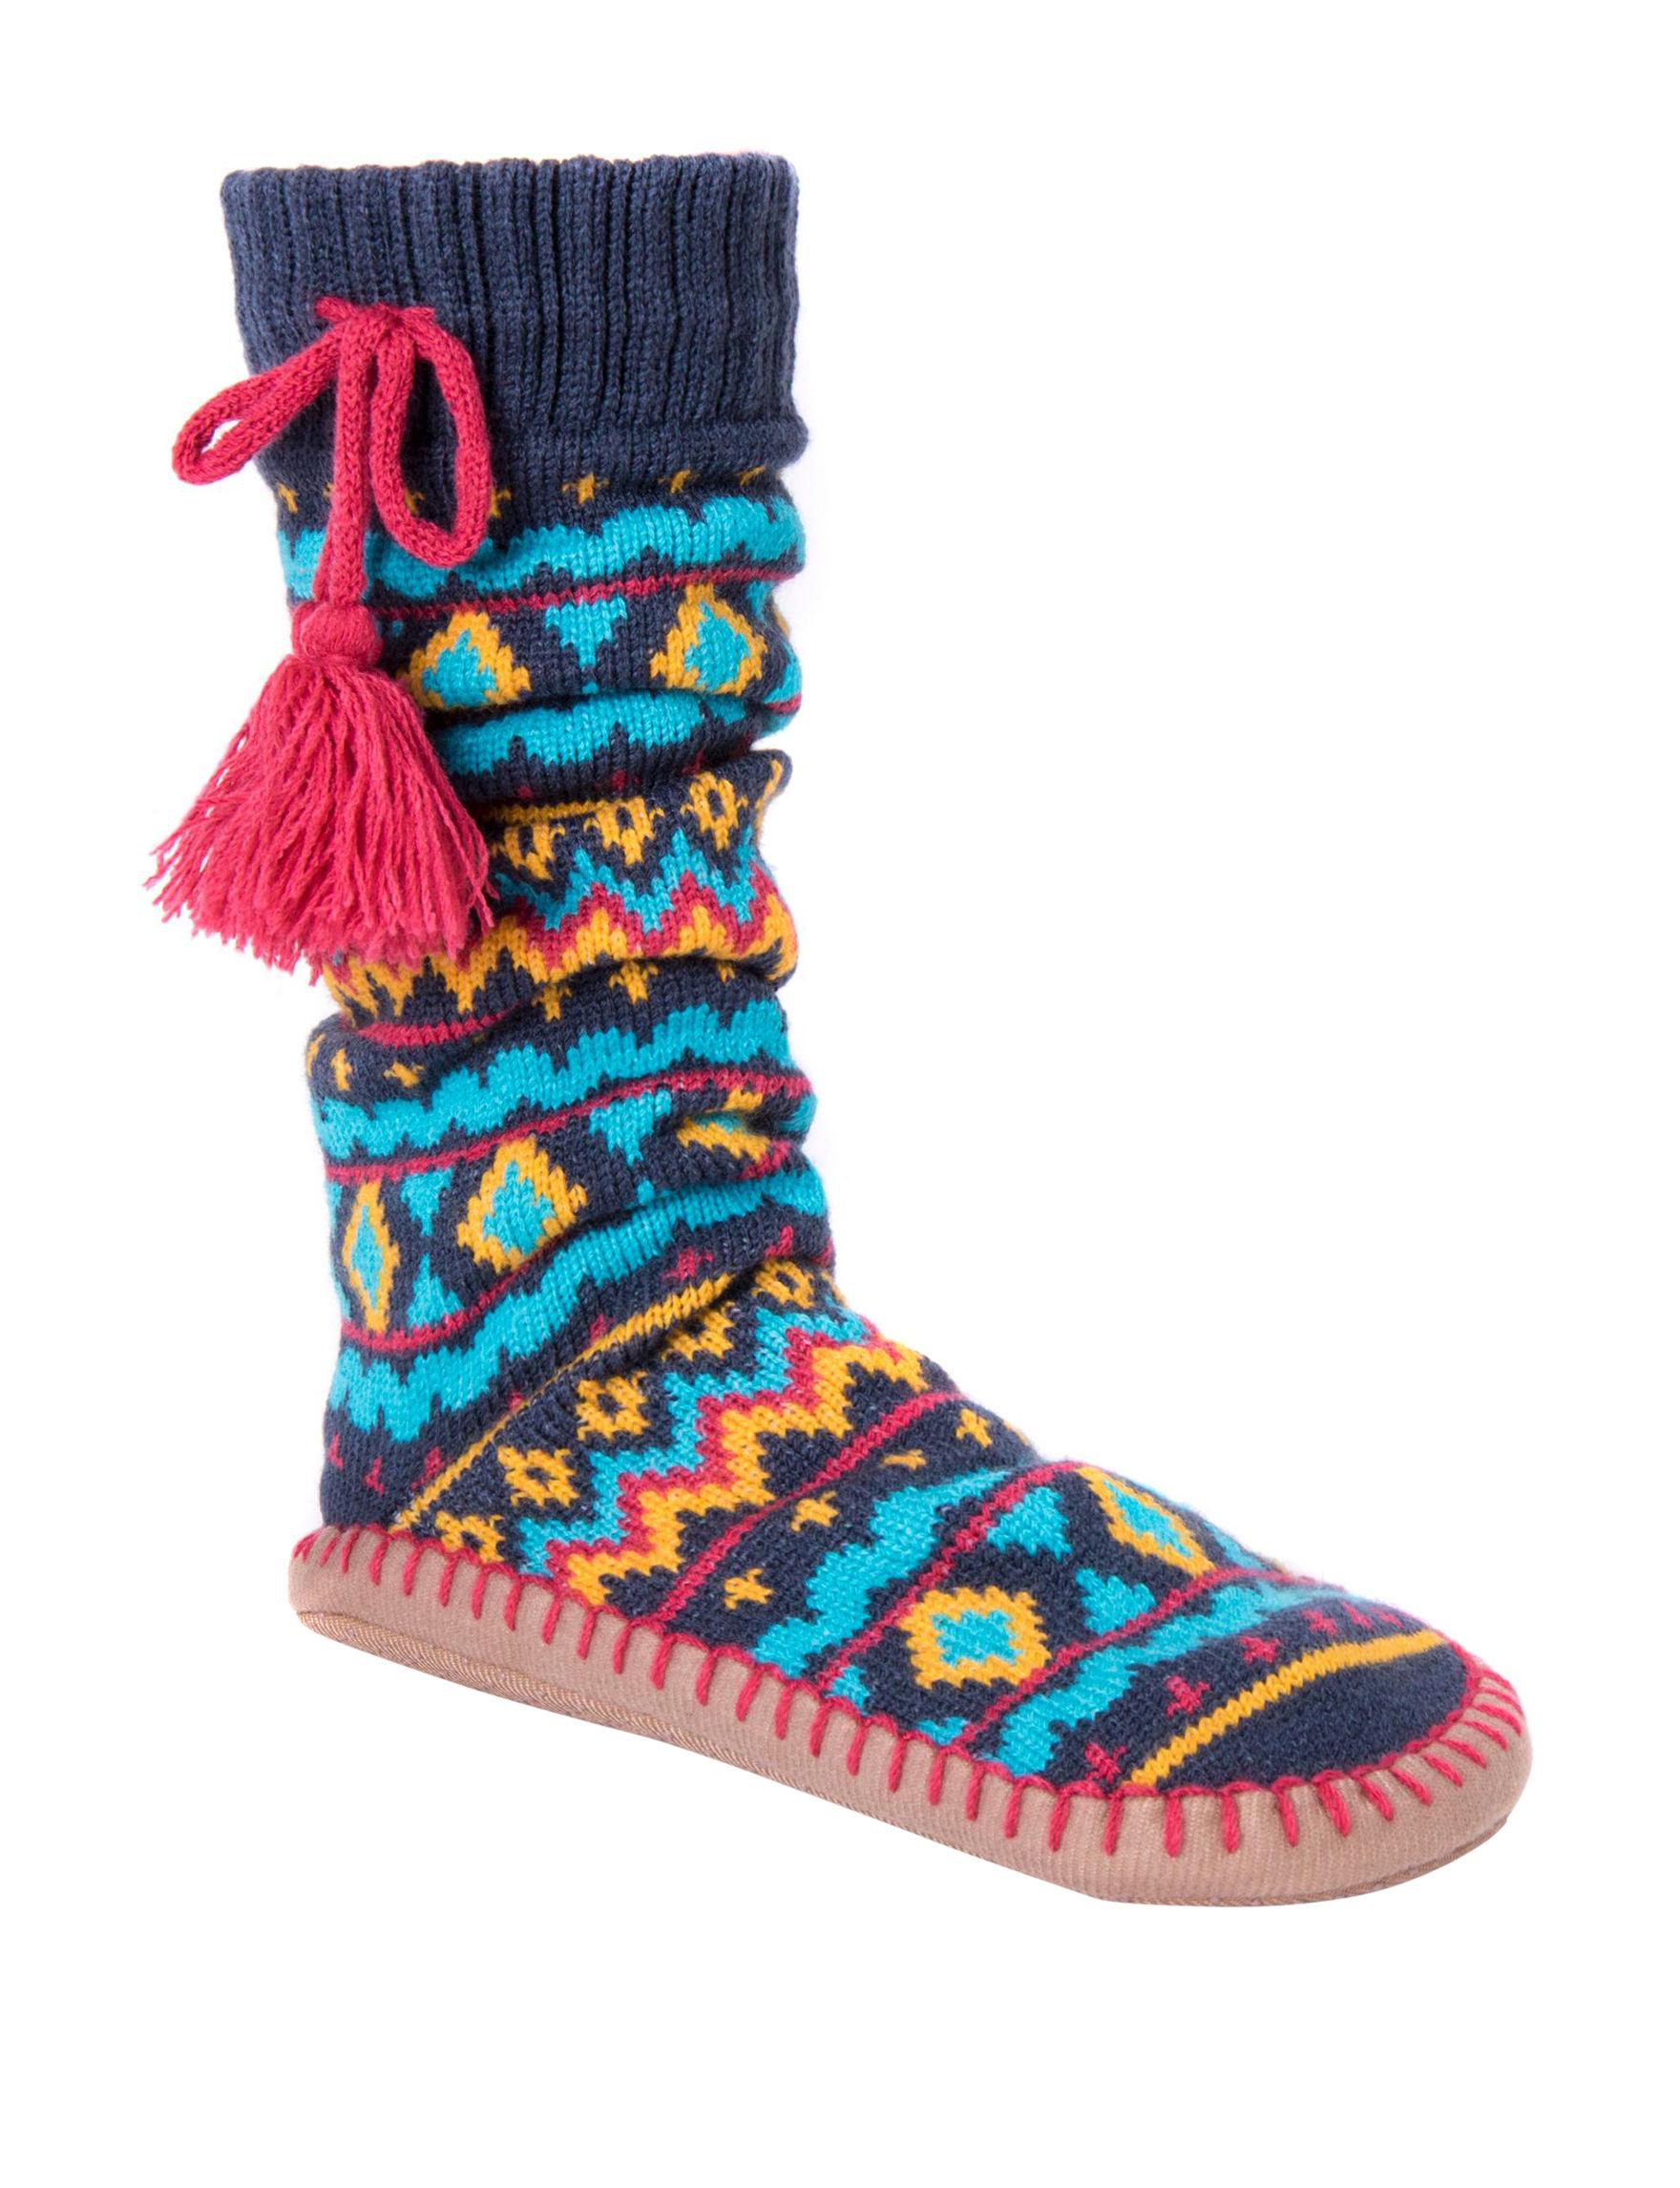 Muk Luks Blue Multi Slipper Socks